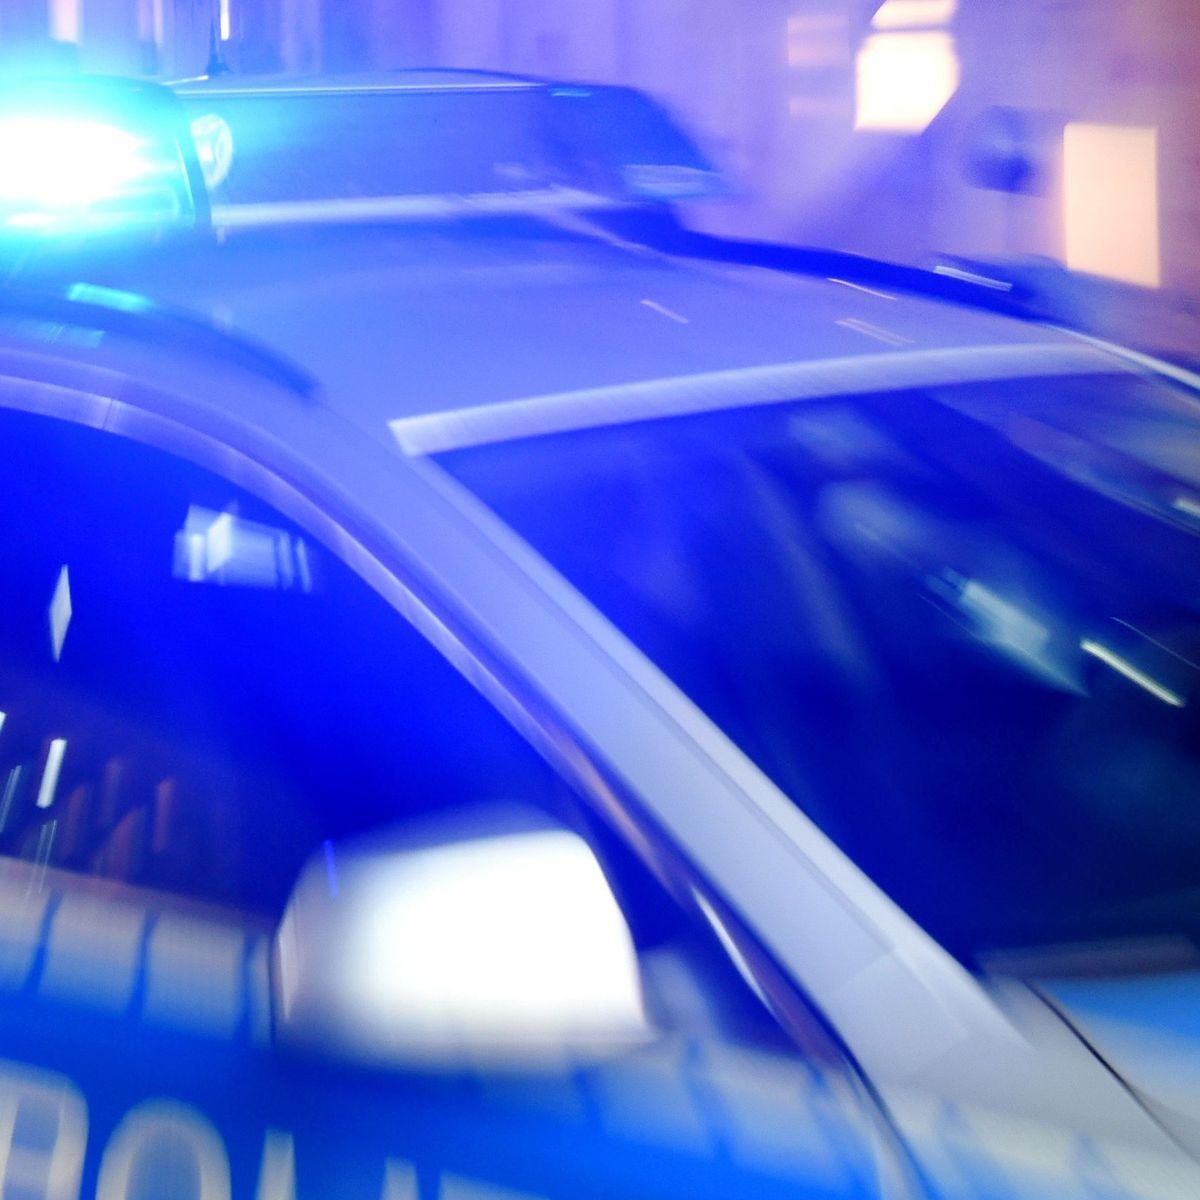 Klinik in Ulm: Fünf Frühchen mit Morphium vergiftet - Krankenschwester unter Verdacht